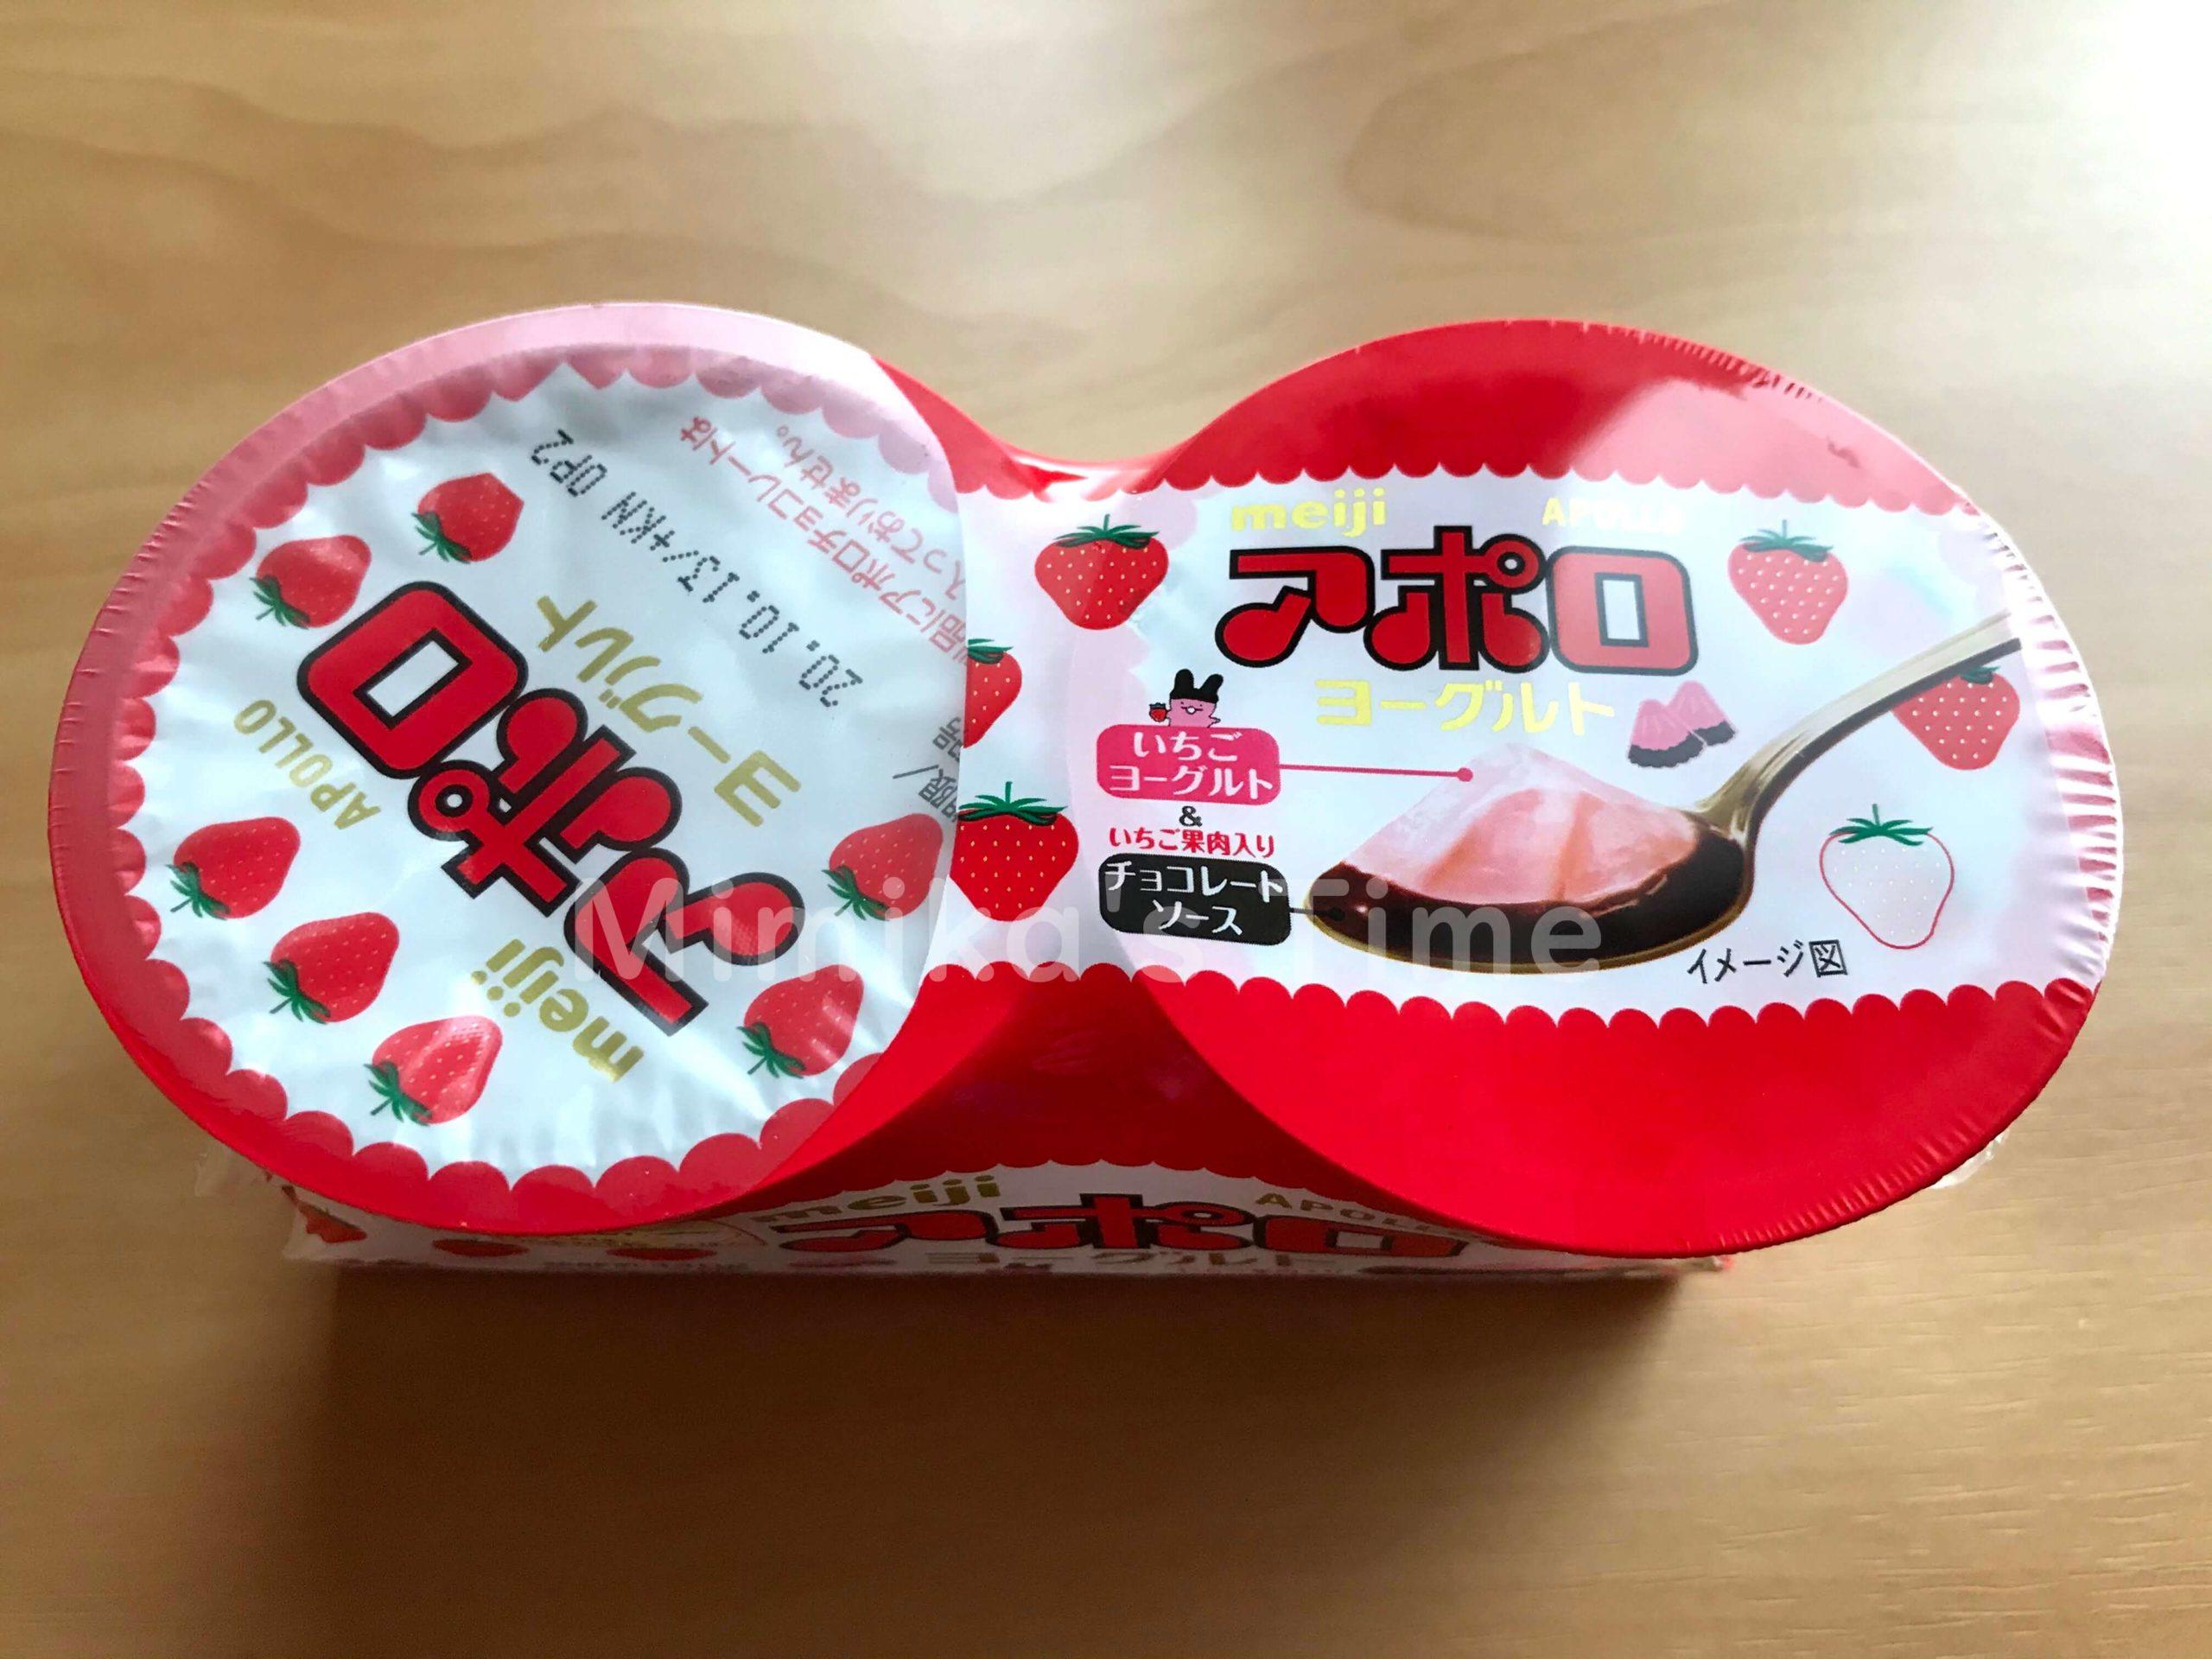 アポロヨーグルトを実際に食べてみた!口コミとおすすめの食べ方とは?